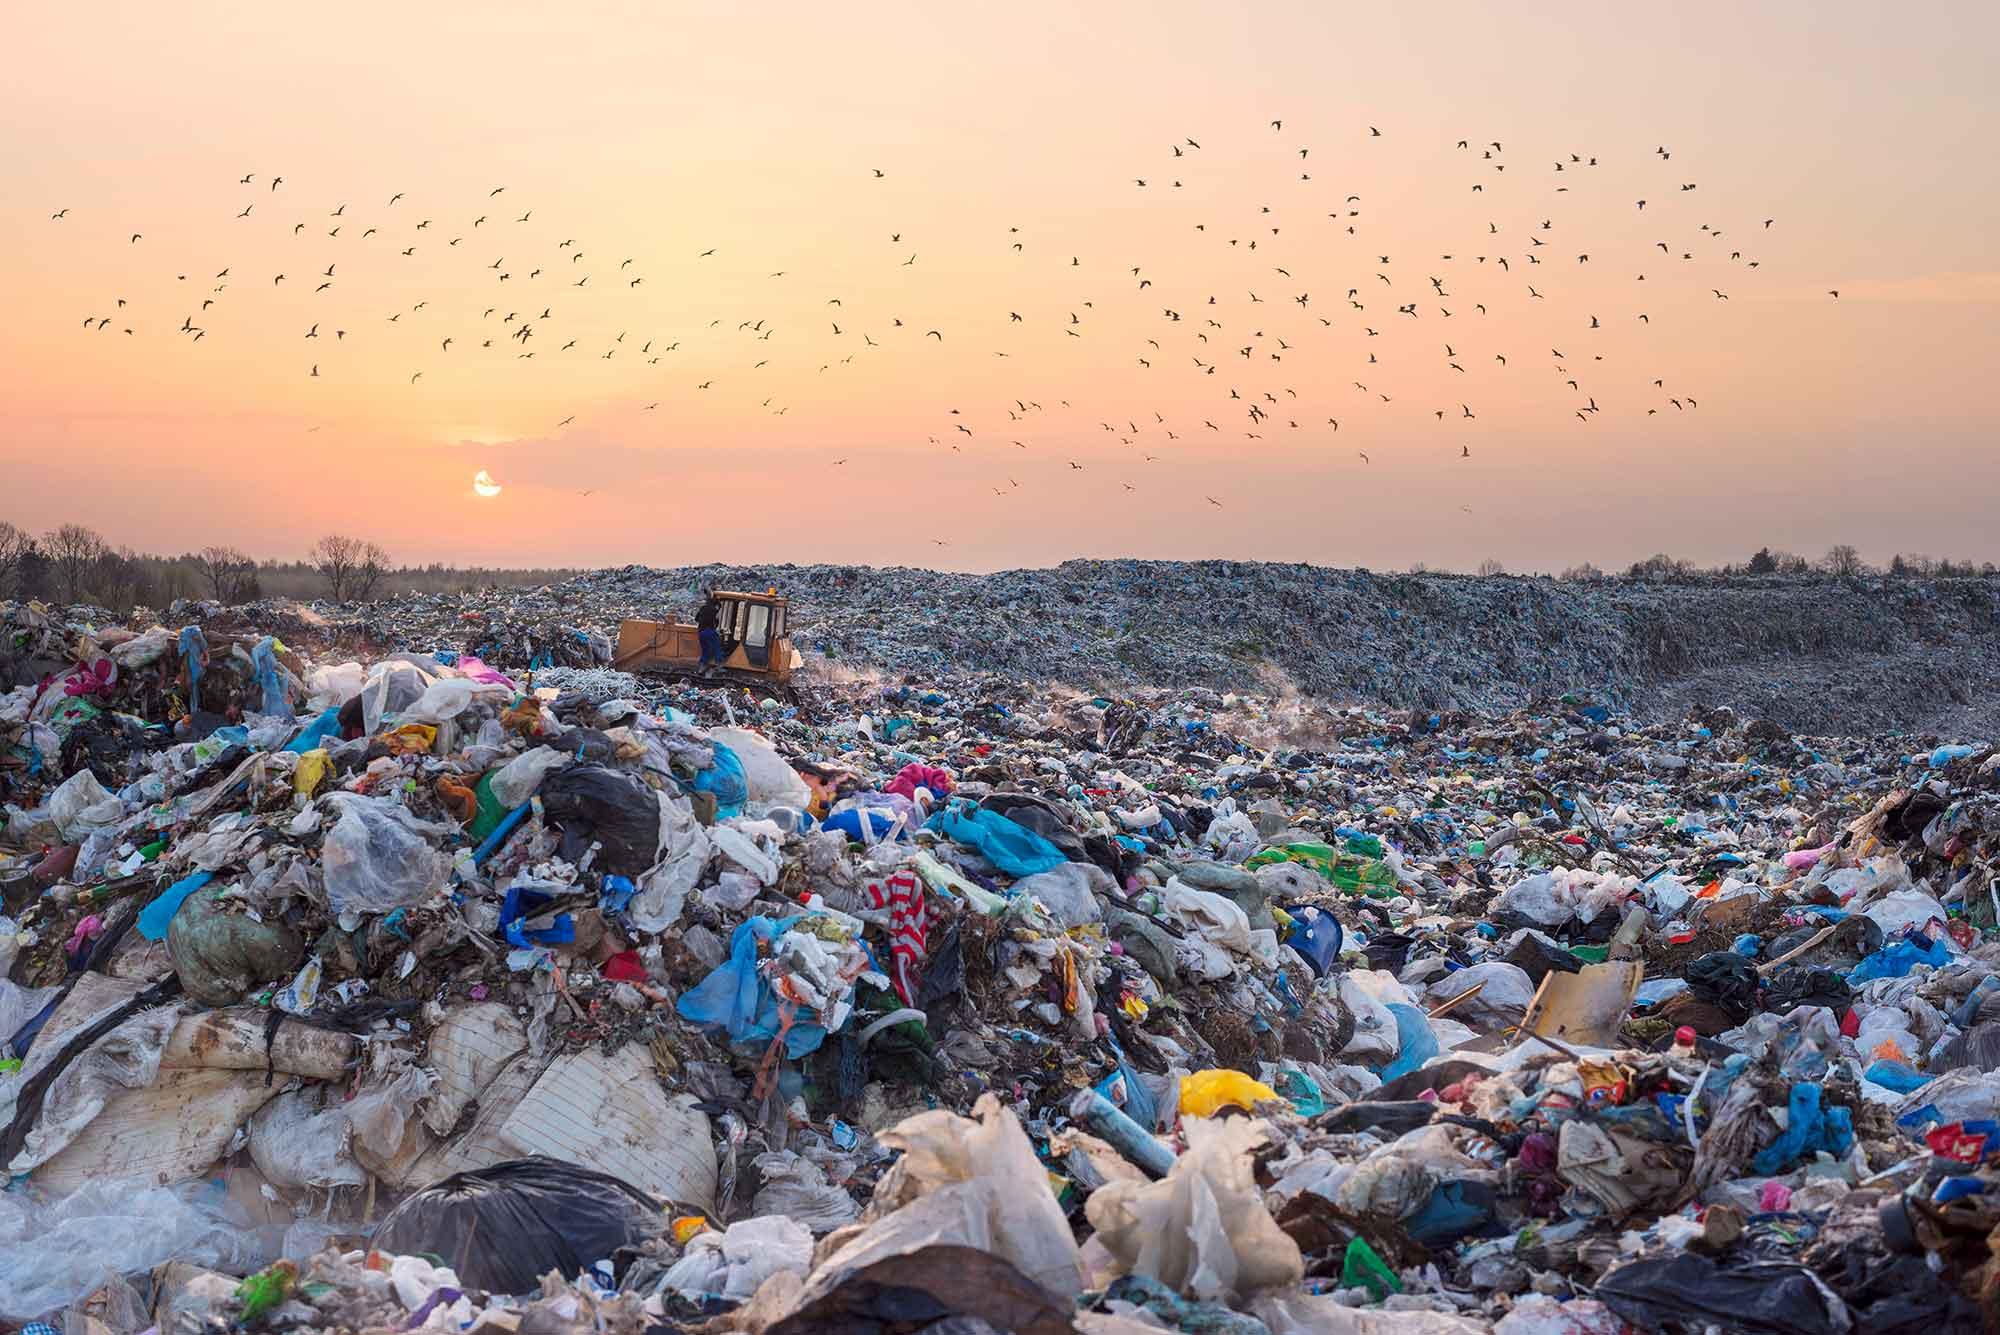 Stort met afvalplastics